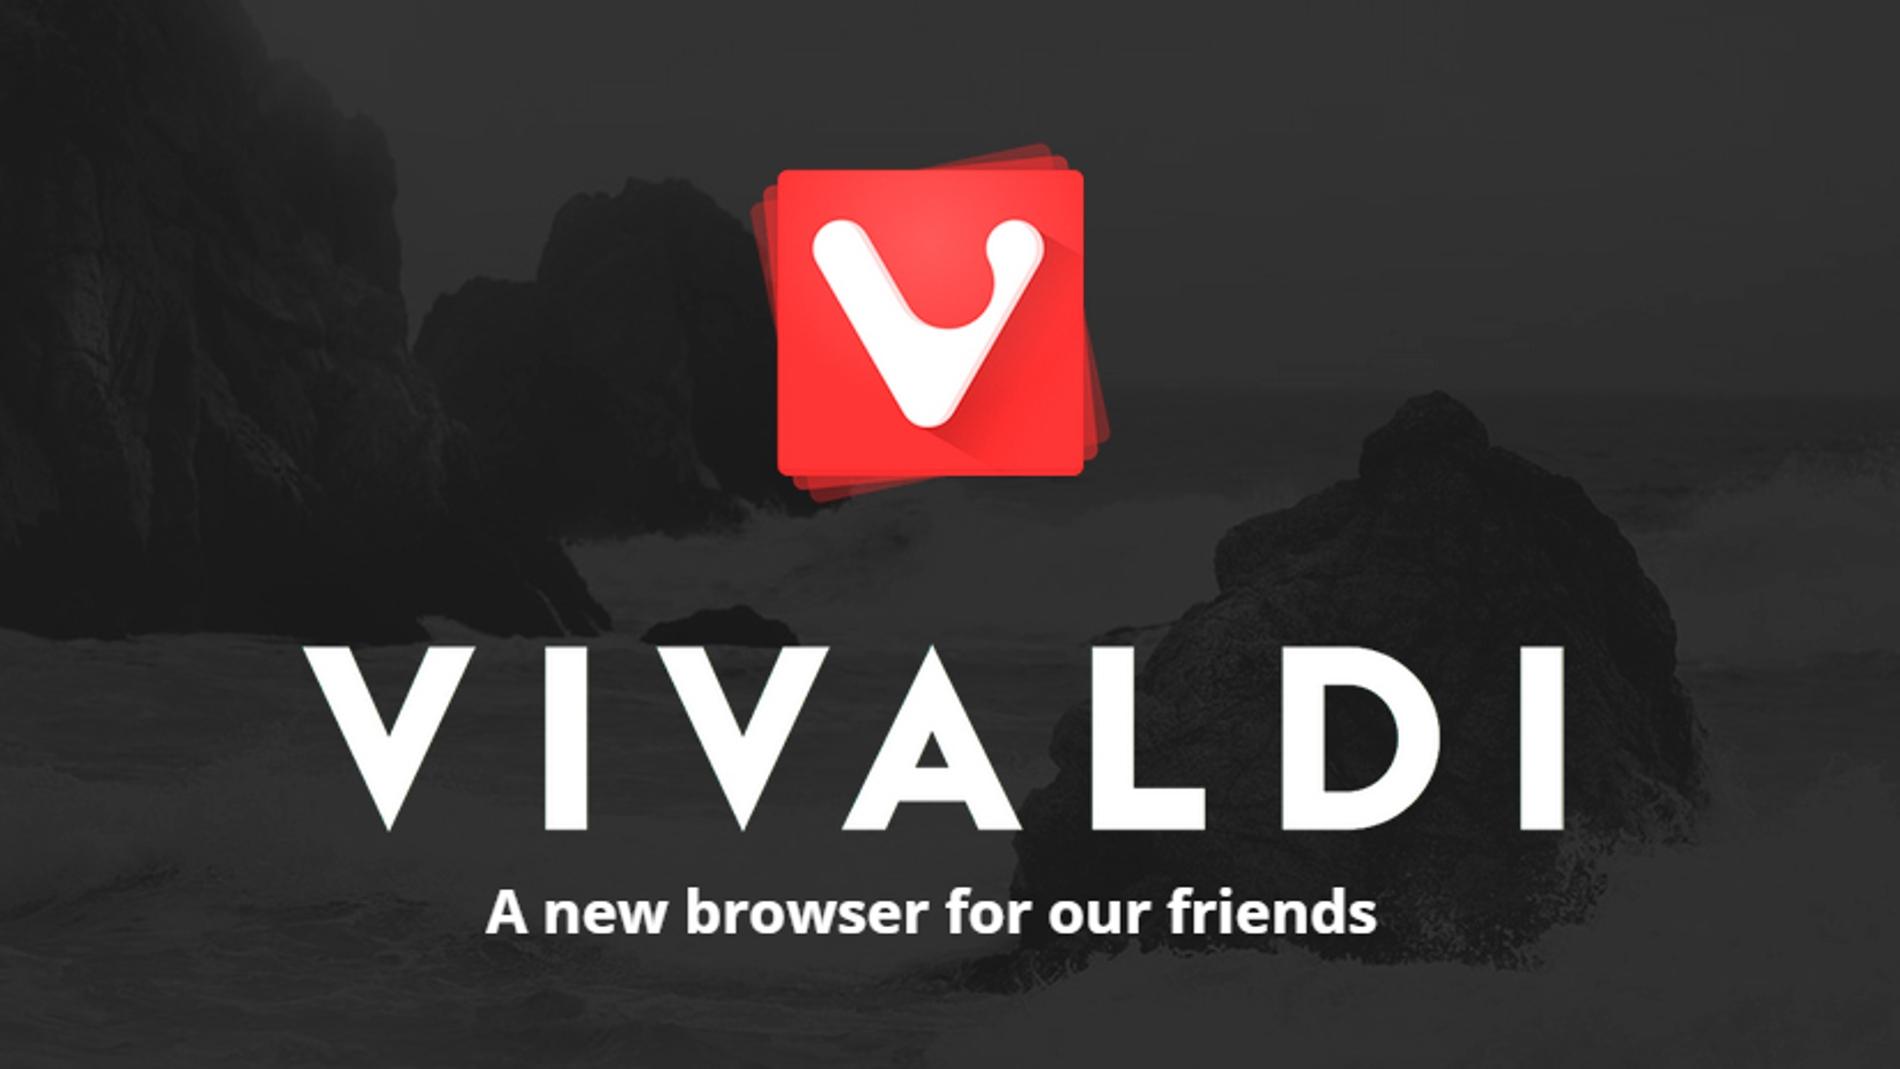 Nueva imagen corporativa de Vivaldi